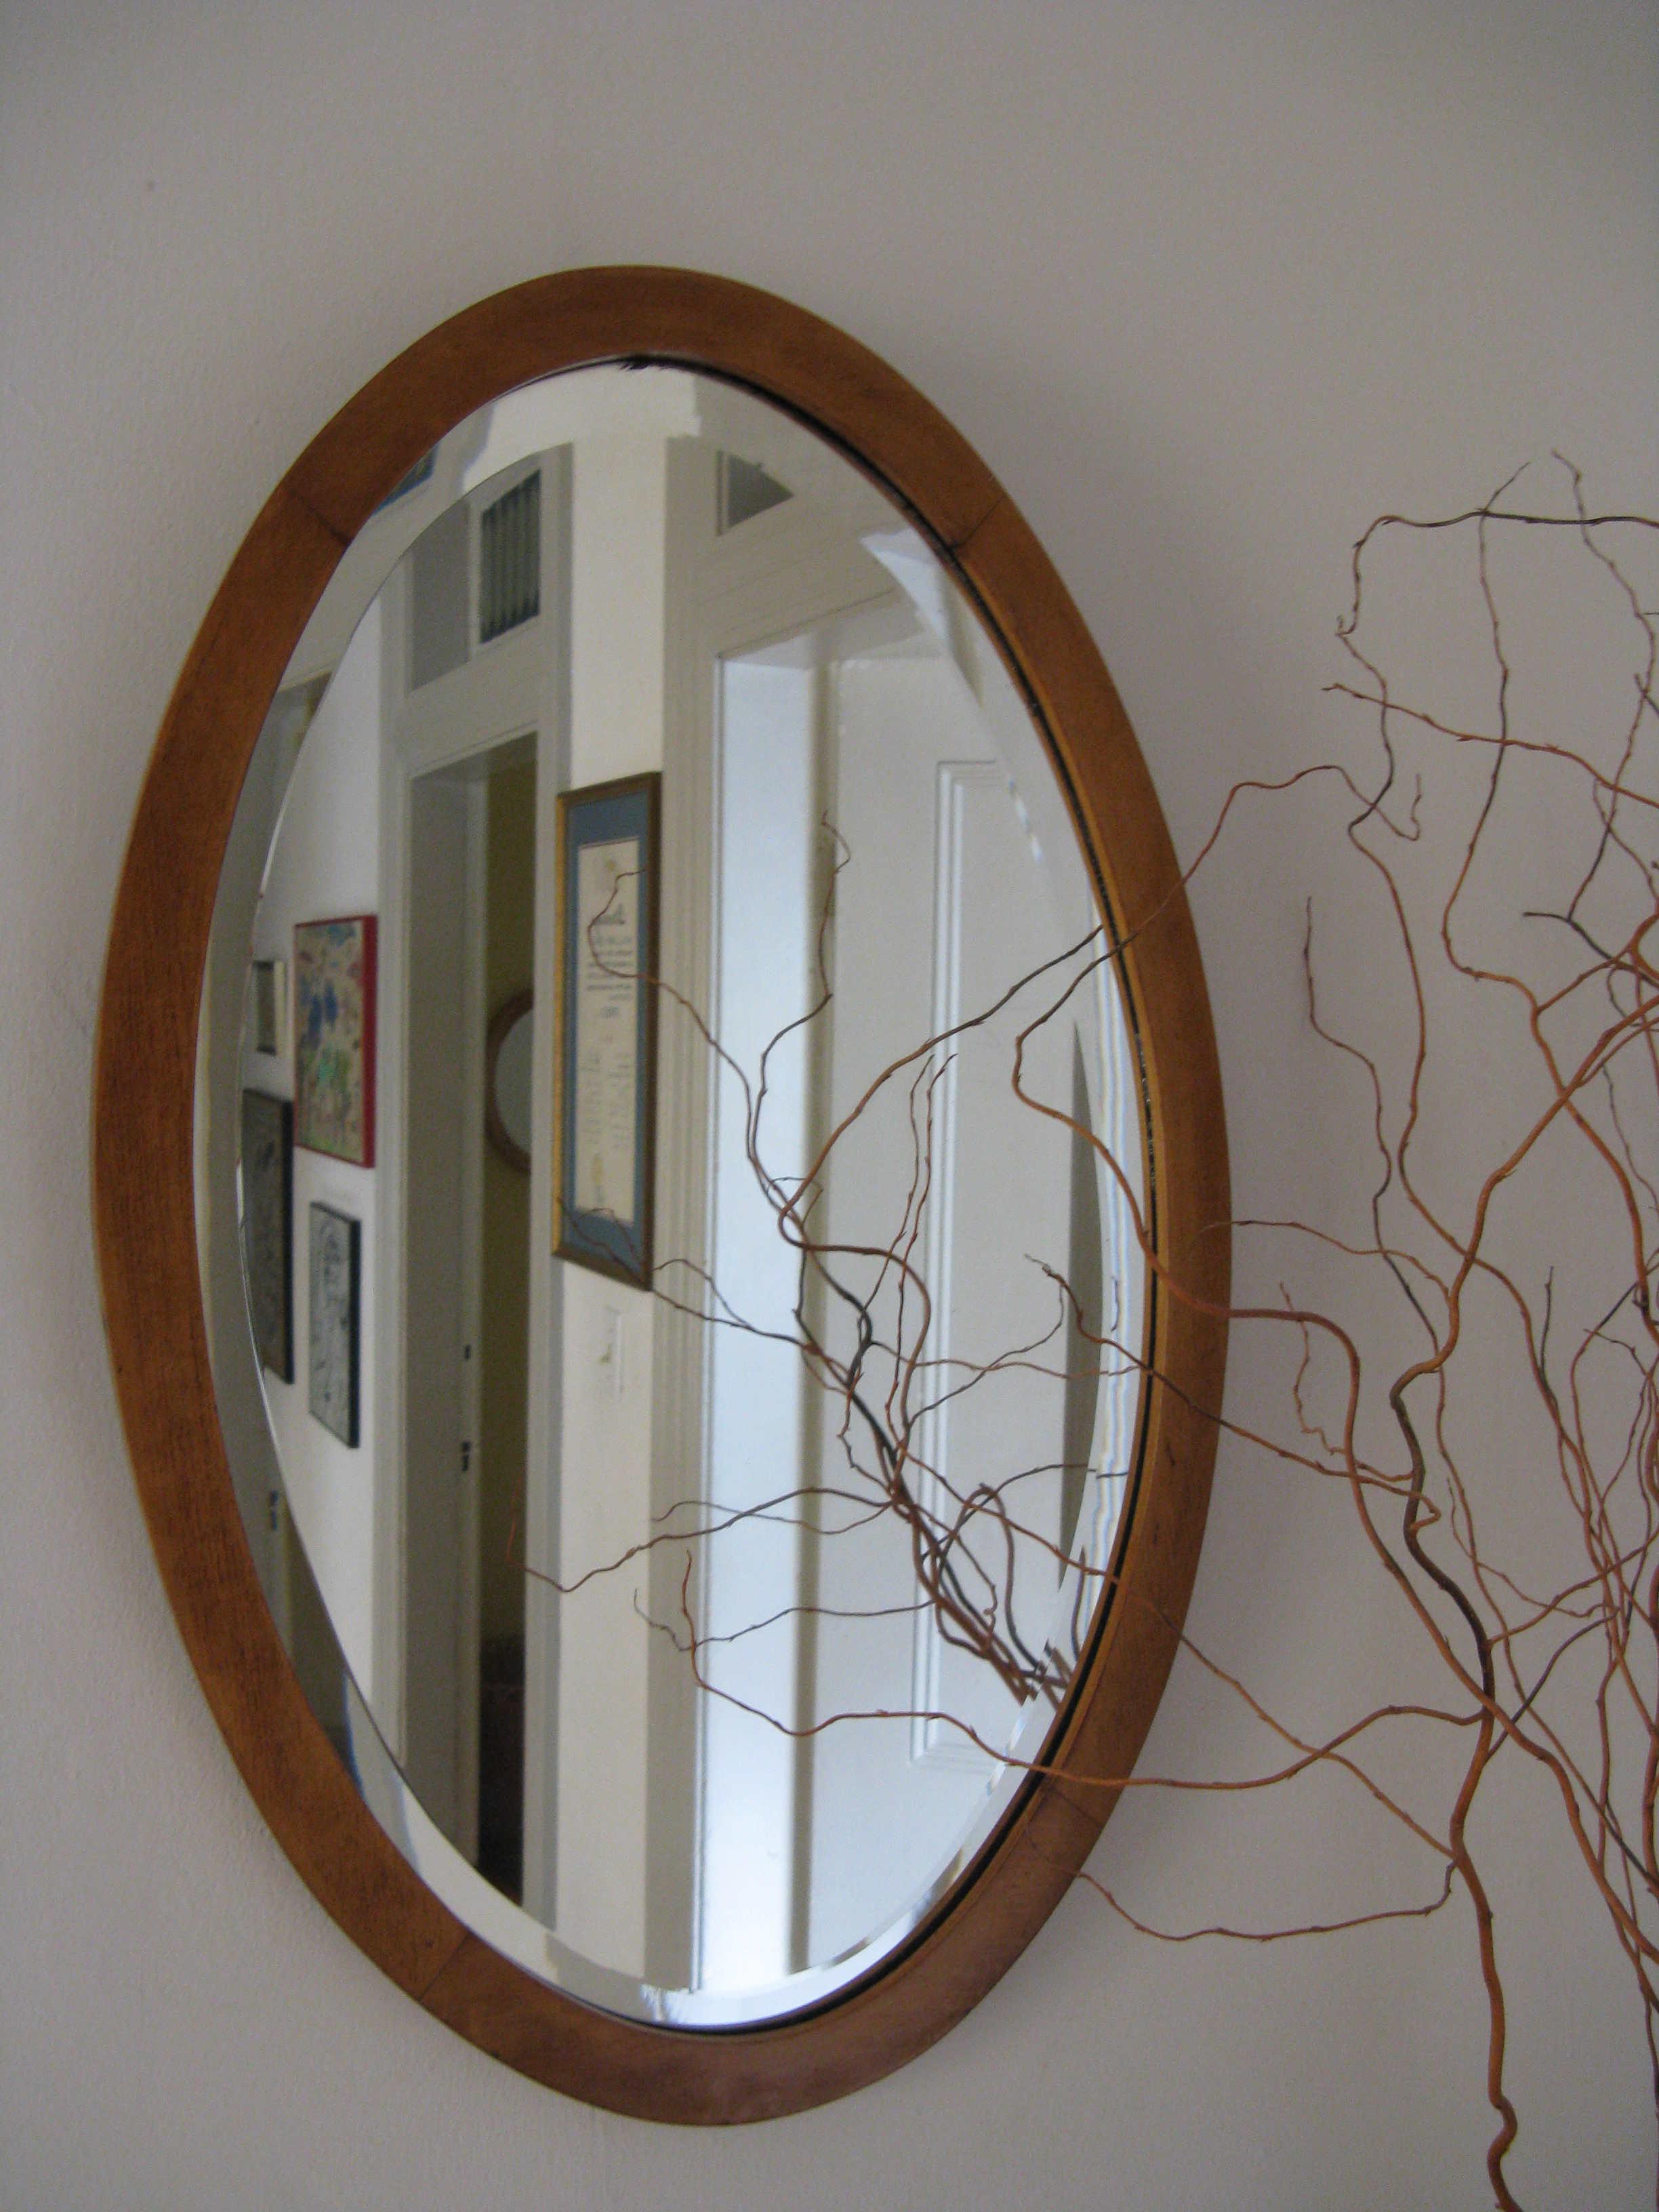 Mirrored interiors